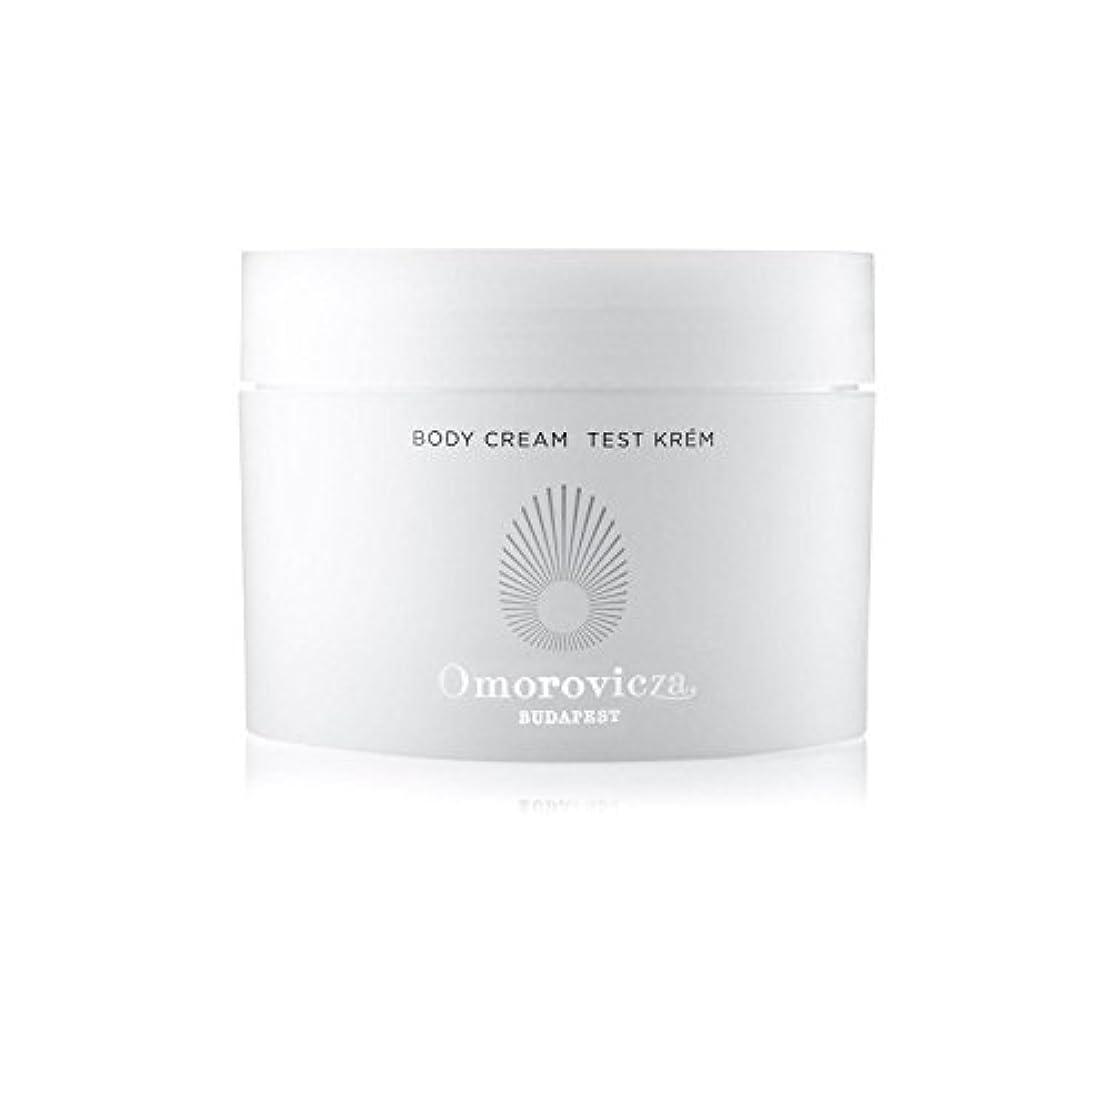 啓示素晴らしき人物Omorovicza Body Cream (200ml) - ボディクリーム(200ミリリットル) [並行輸入品]